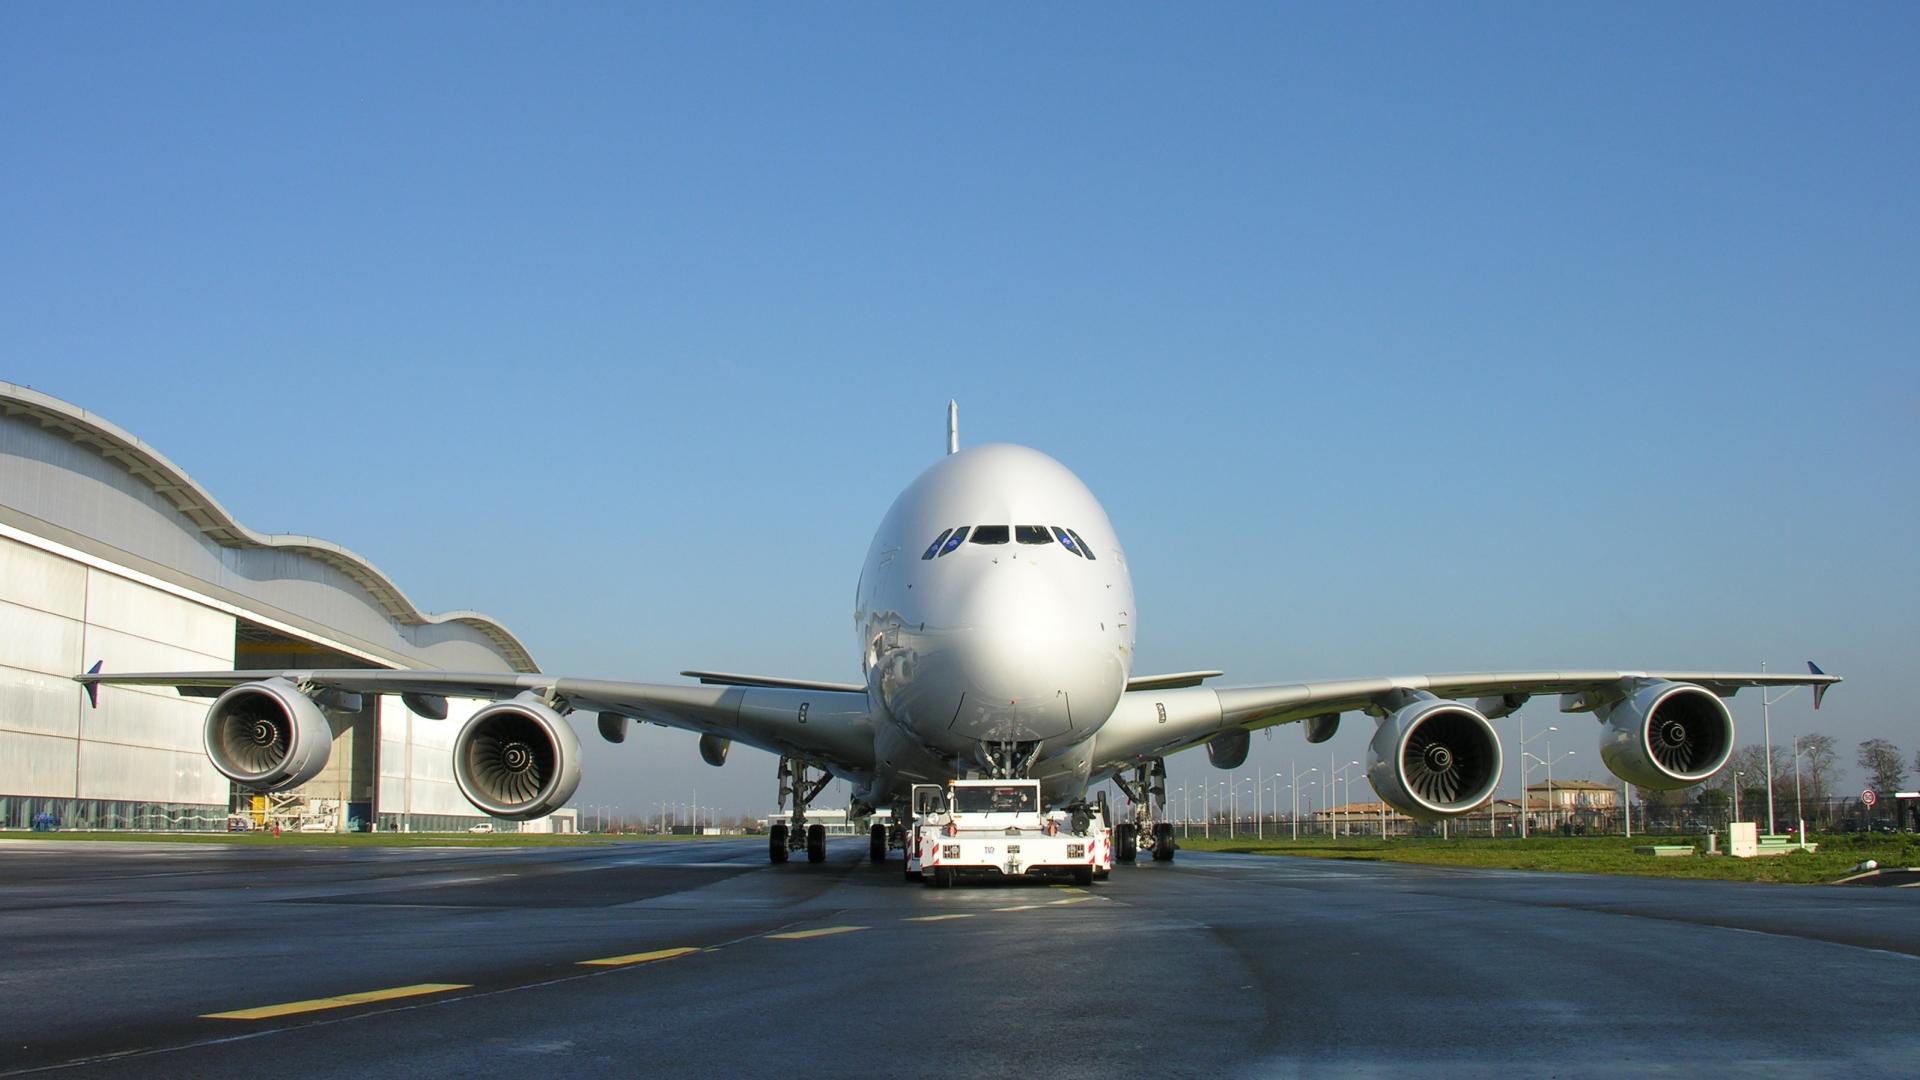 как порно фото огромных аэробусов крупным планом в аэропорту красотка пришла